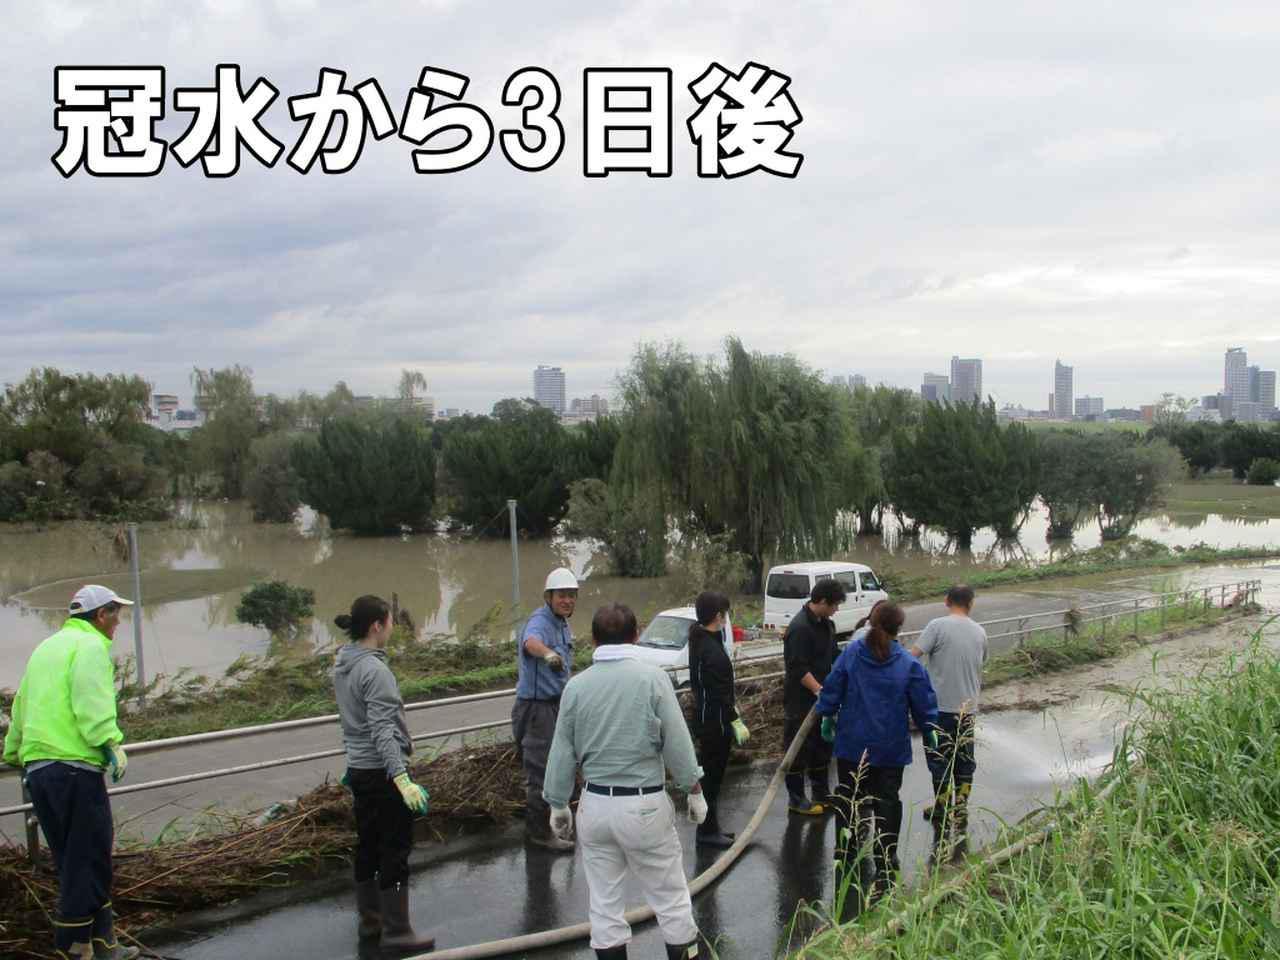 画像: 機材を運ぶ動線を確保するため、堤防からゴルフ場への道路の清掃から始めた